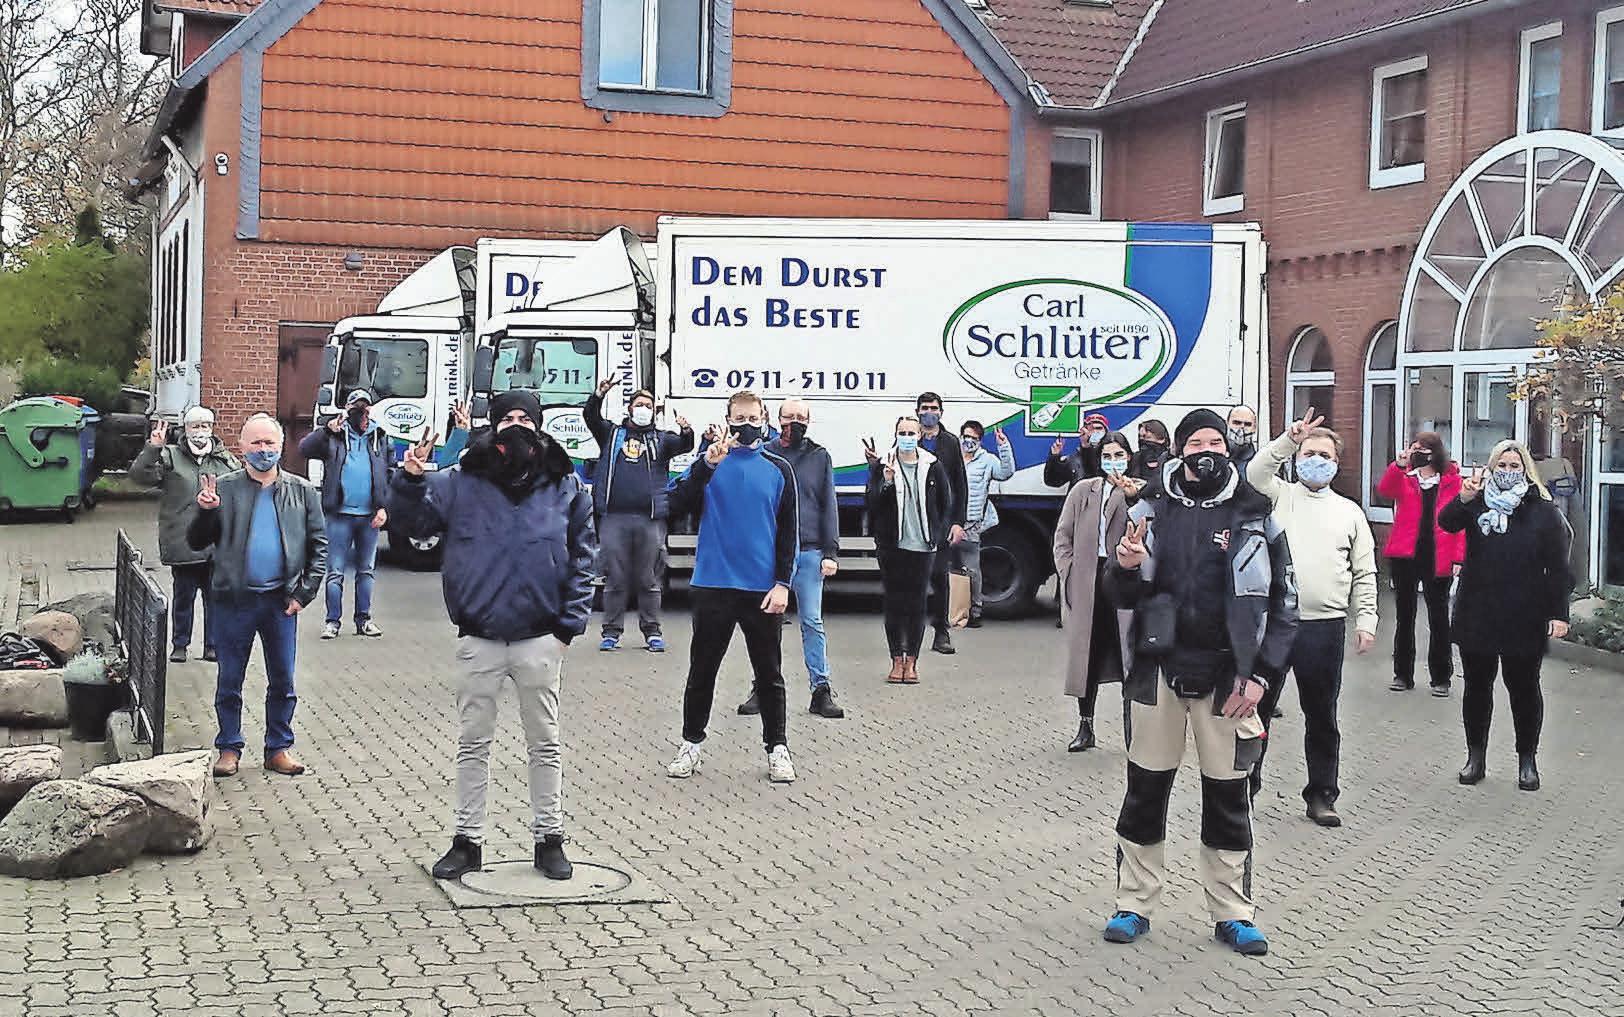 Das Team des Getränkefachgroßhandels Carl Schlüter hofft auf eine baldige Normalisierung der Corona-Situation.